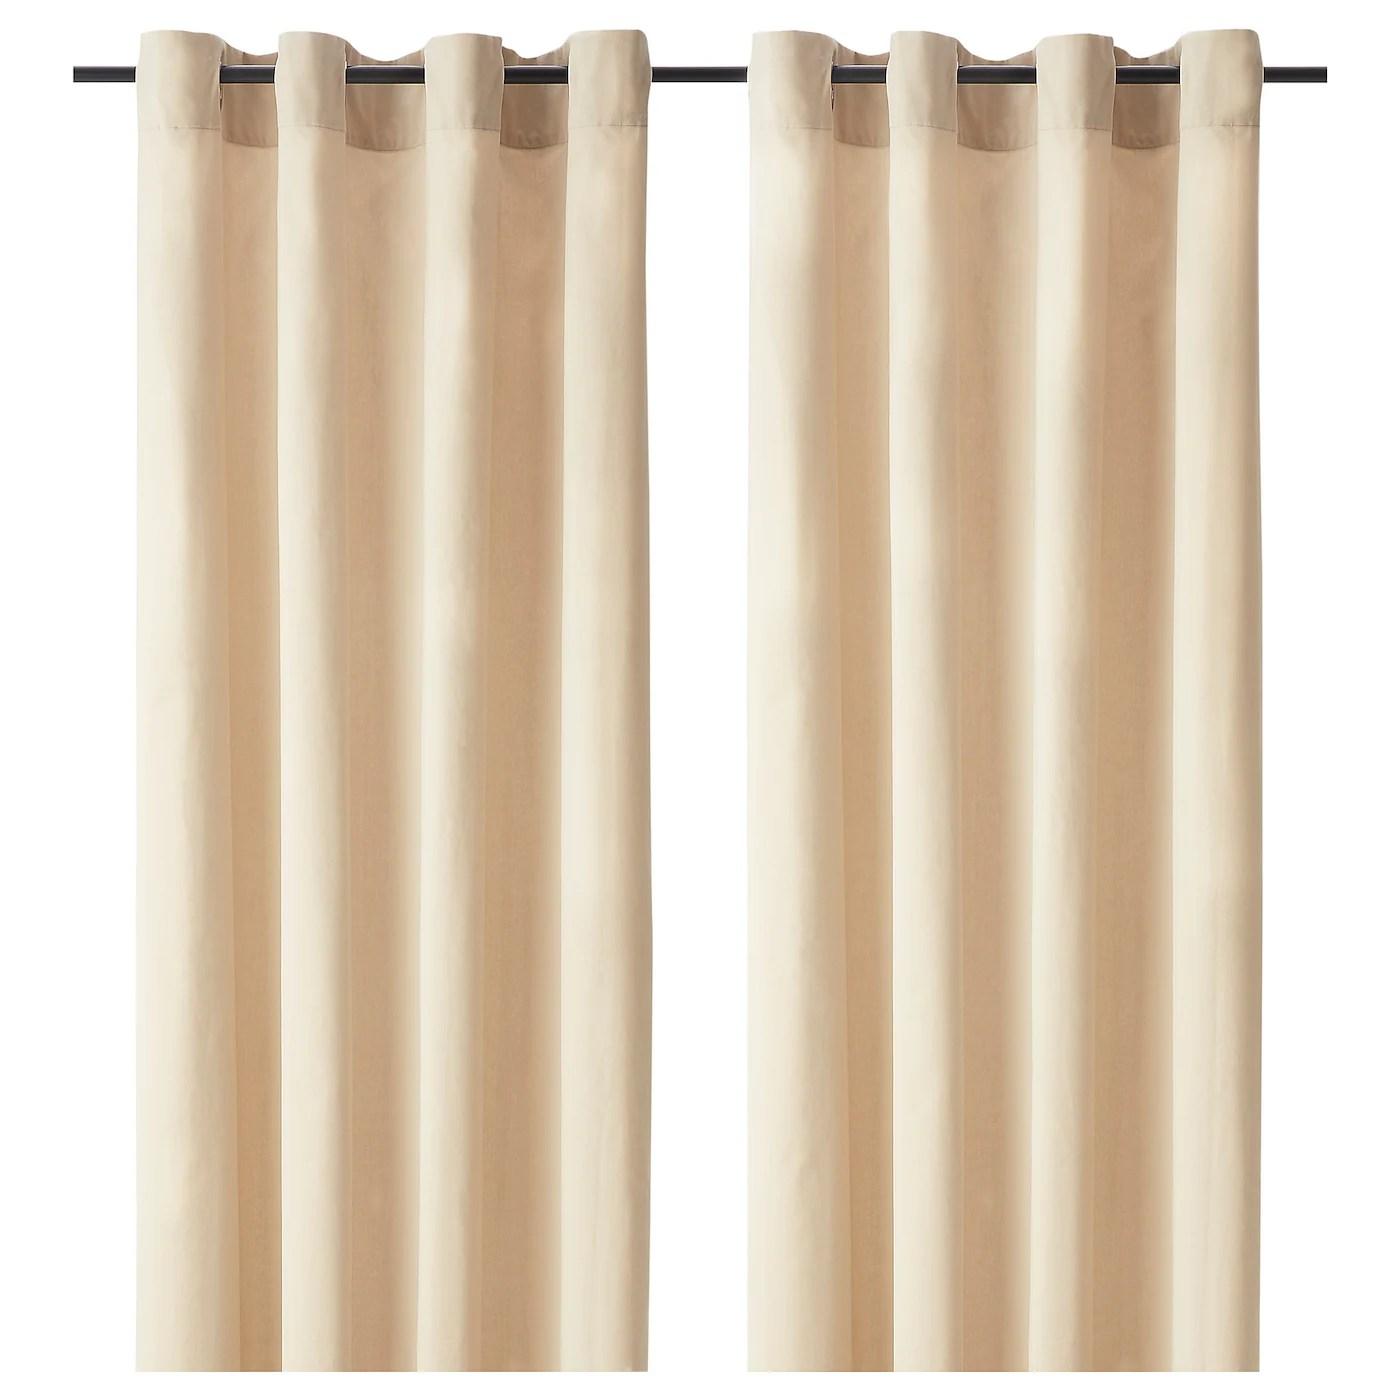 sanela rideaux 2 pieces beige clair avec oeillets 140x300 cm